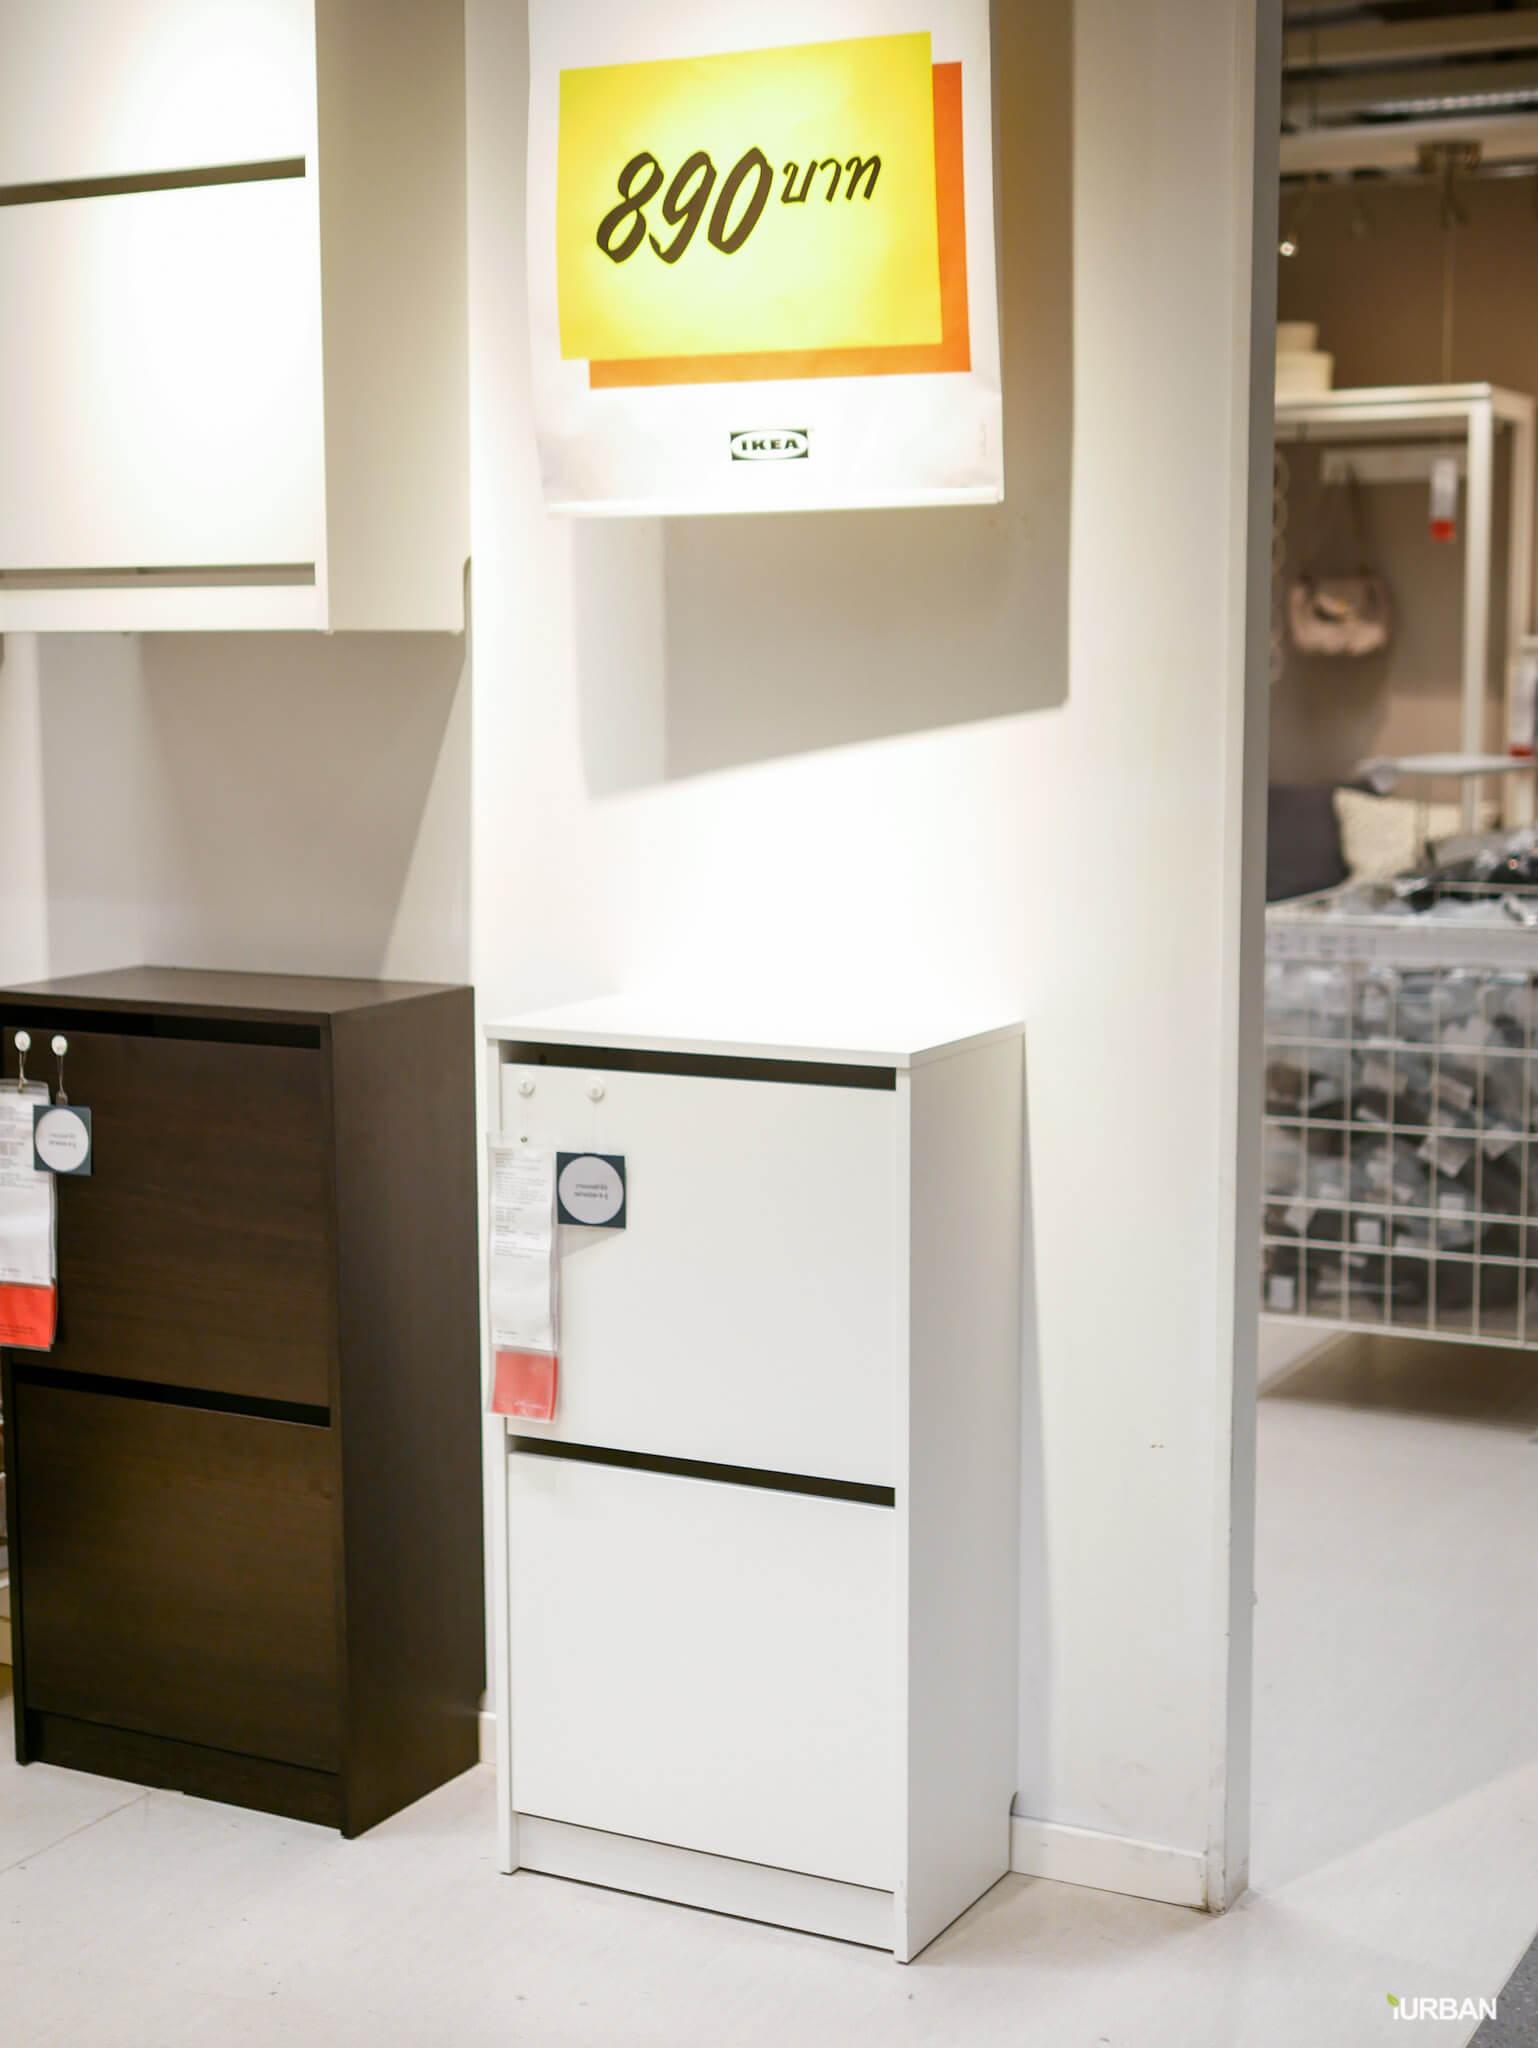 มันเยอะมากกกก!! IKEA Year End SALE 2017 รวมของเซลในอิเกีย ลดเยอะ ลดแหลก รีบพุ่งตัวไป วันนี้ - 7 มกราคม 61 84 - IKEA (อิเกีย)